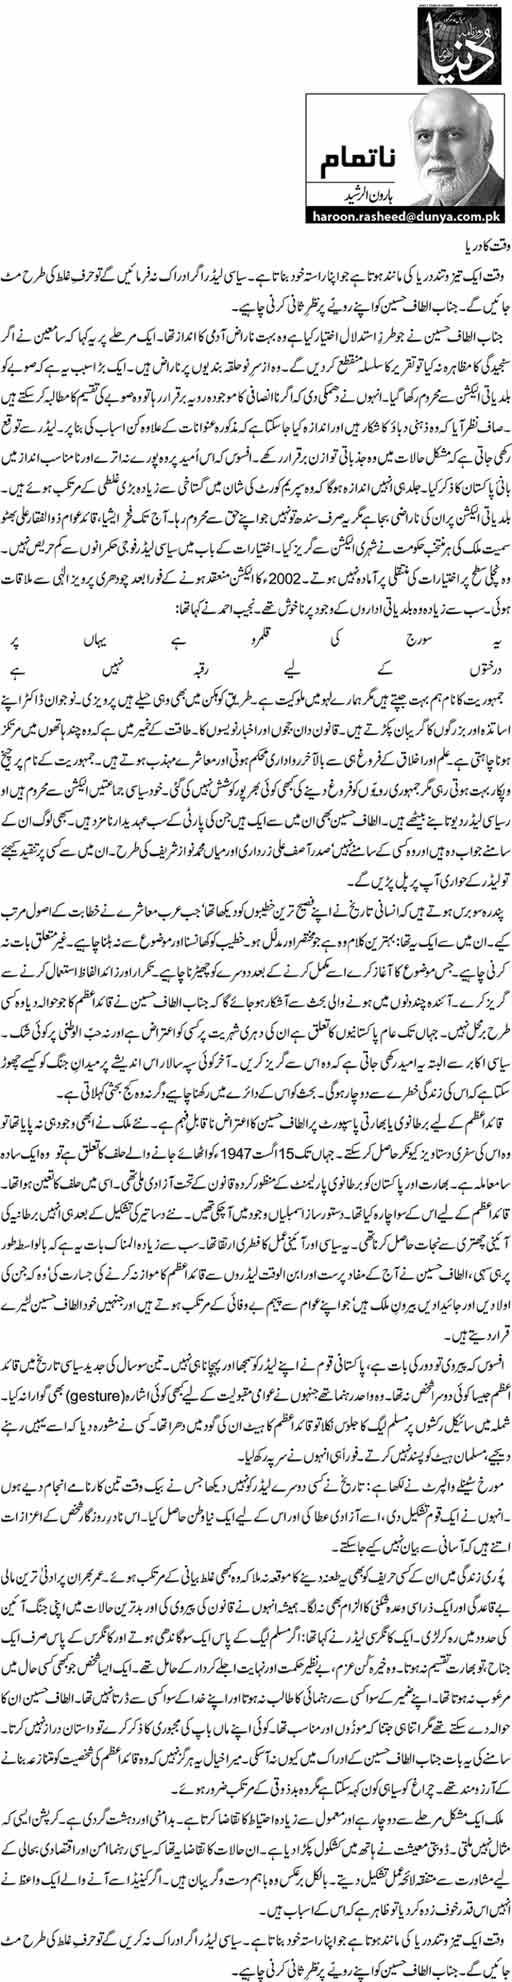 Waqt ka dariya - Haroon-ur-Rasheed